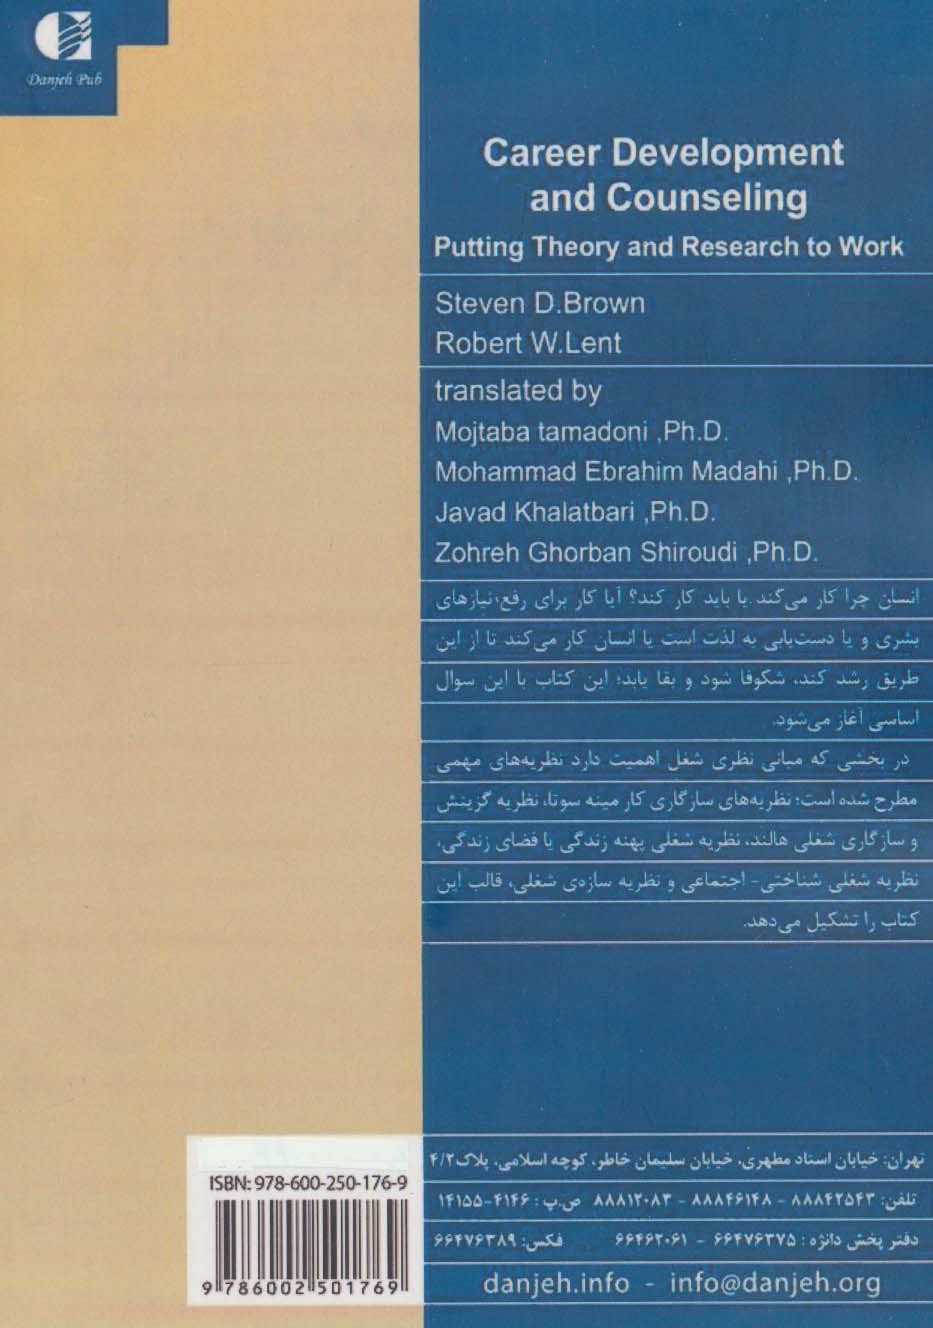 مشاوره و تحول شغلی (نظریه ها و کاربست)